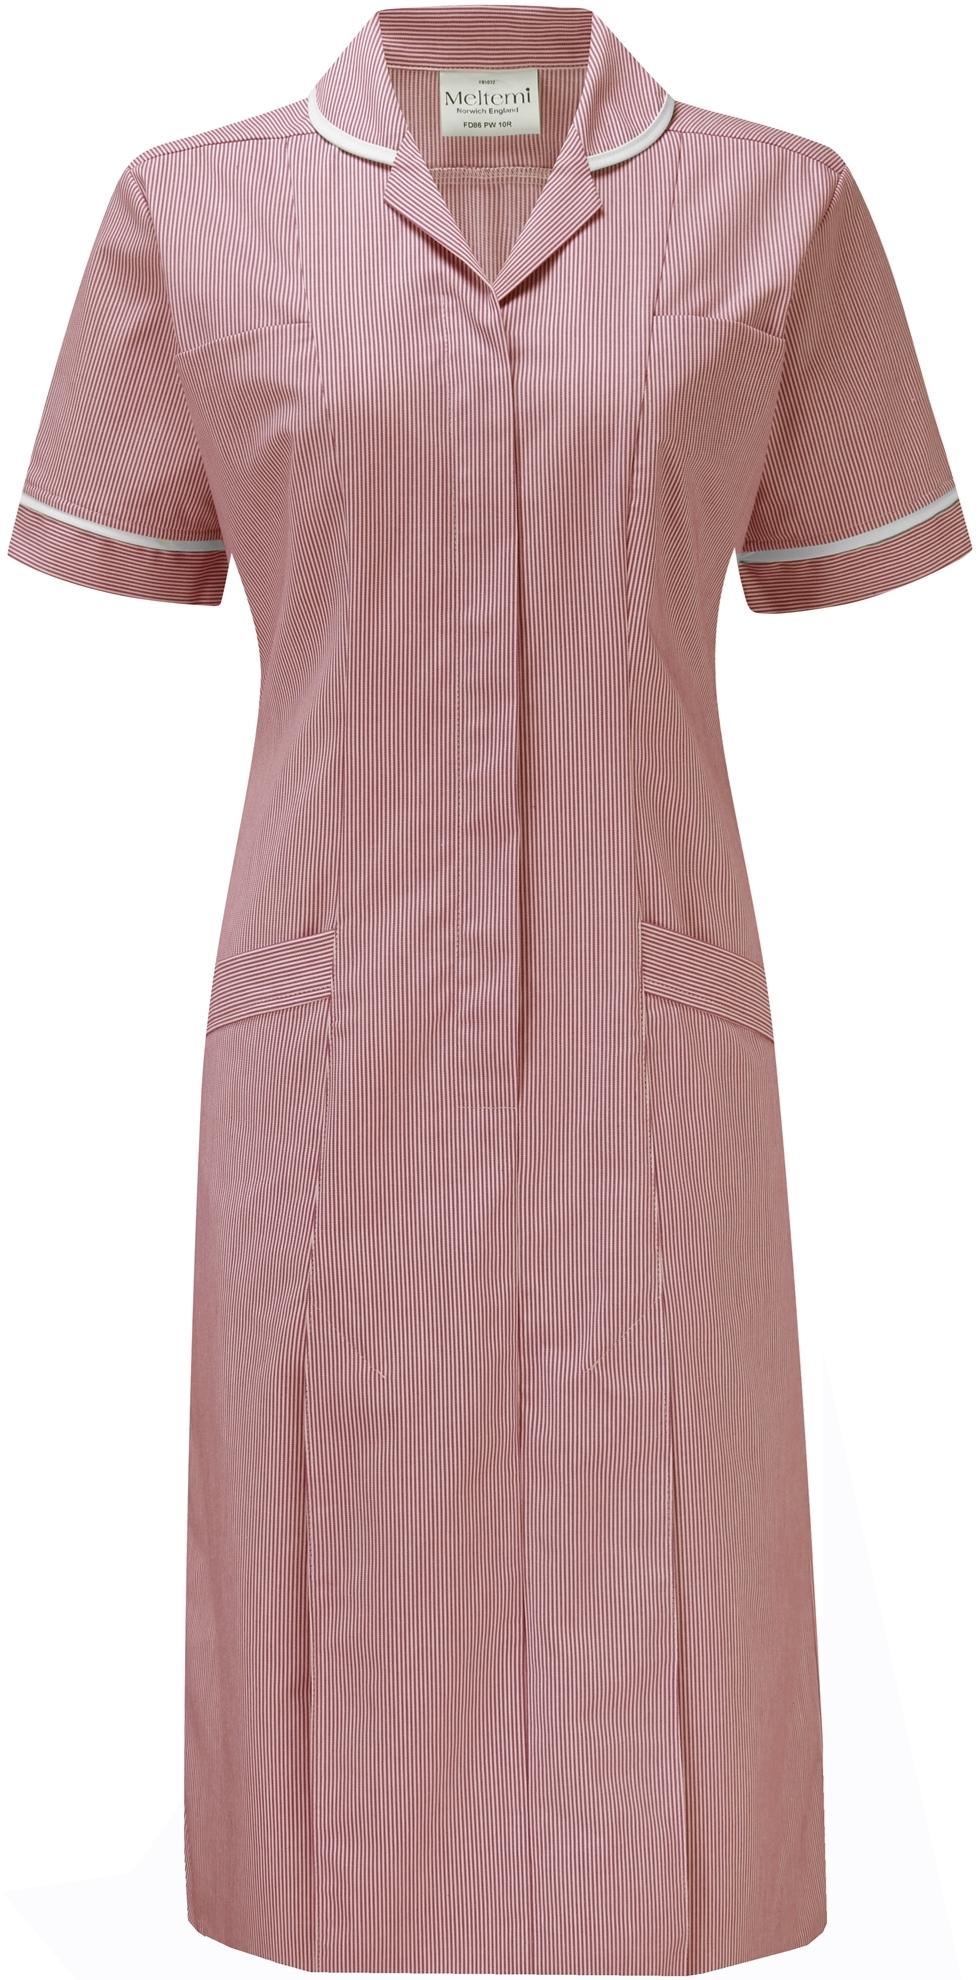 Picture of Fine Stripe Dress - Red/White